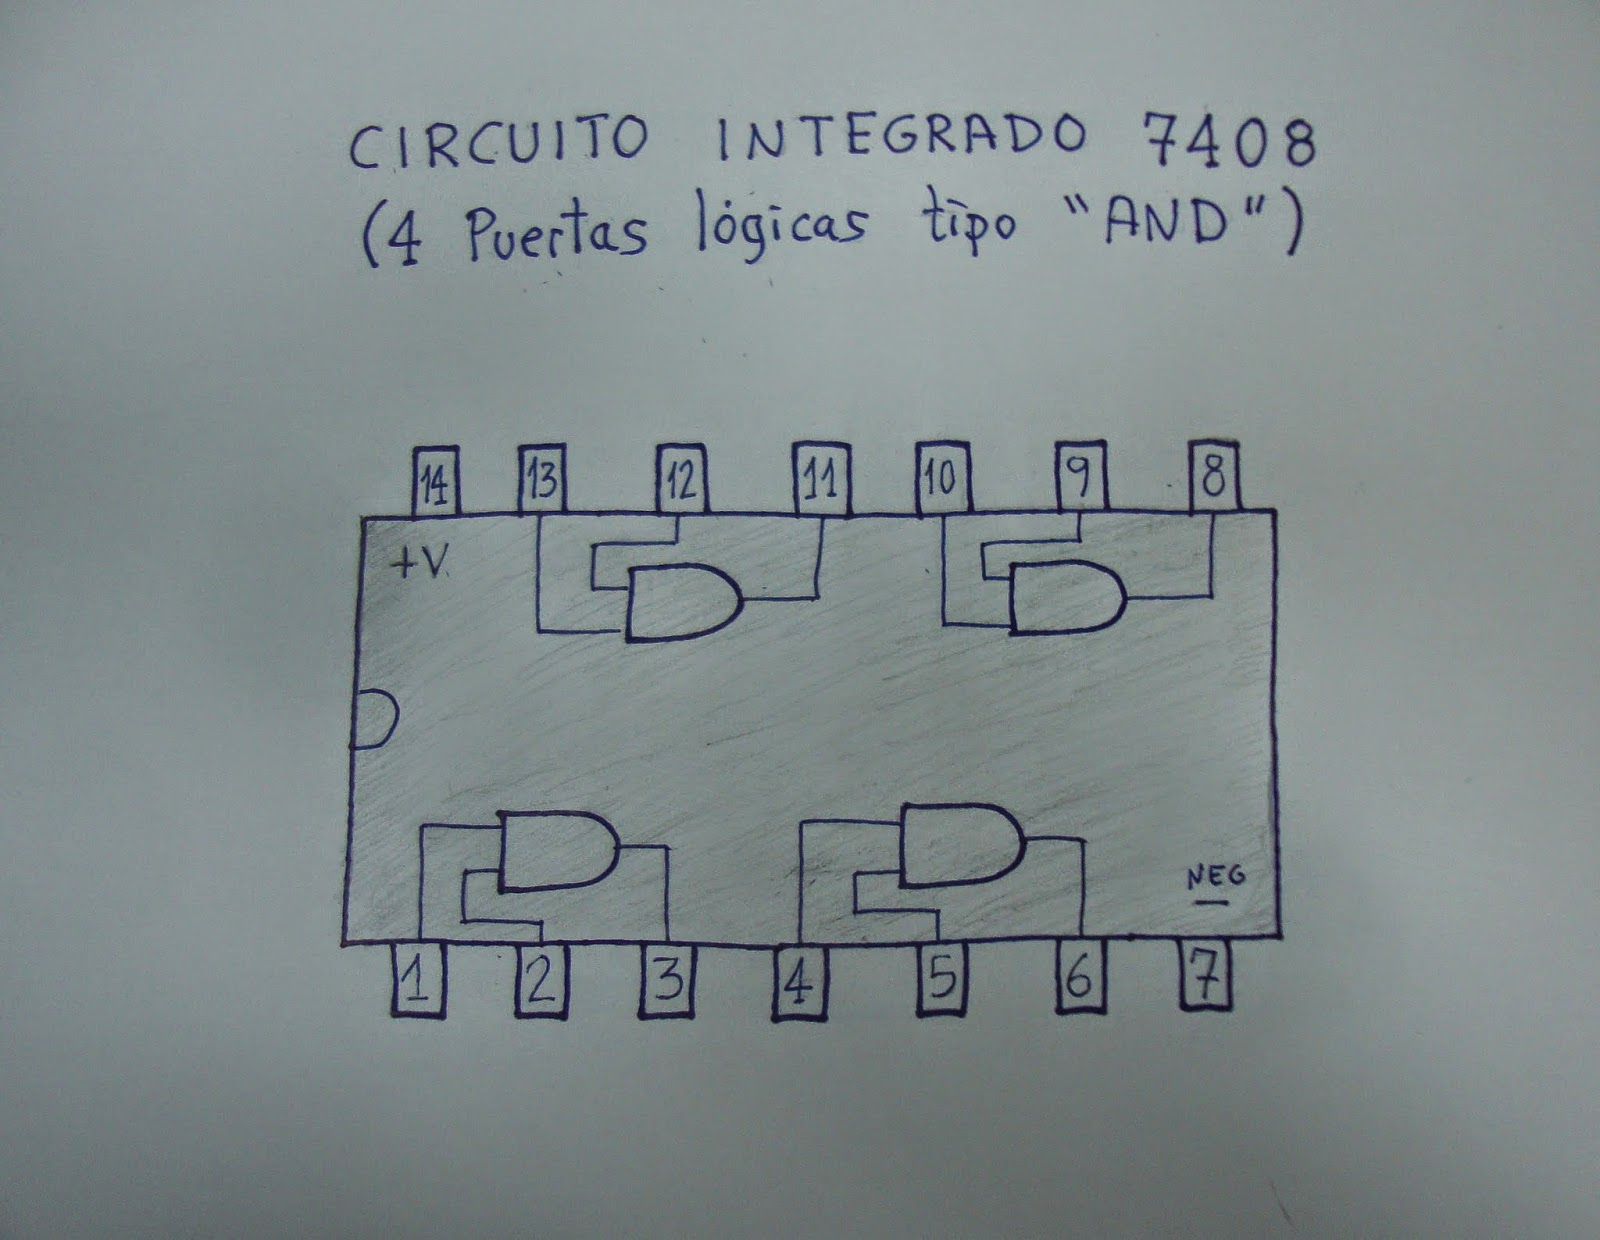 Circuito Integrado 7408 : Ciencia inventos y experimentos en casa tutorial de